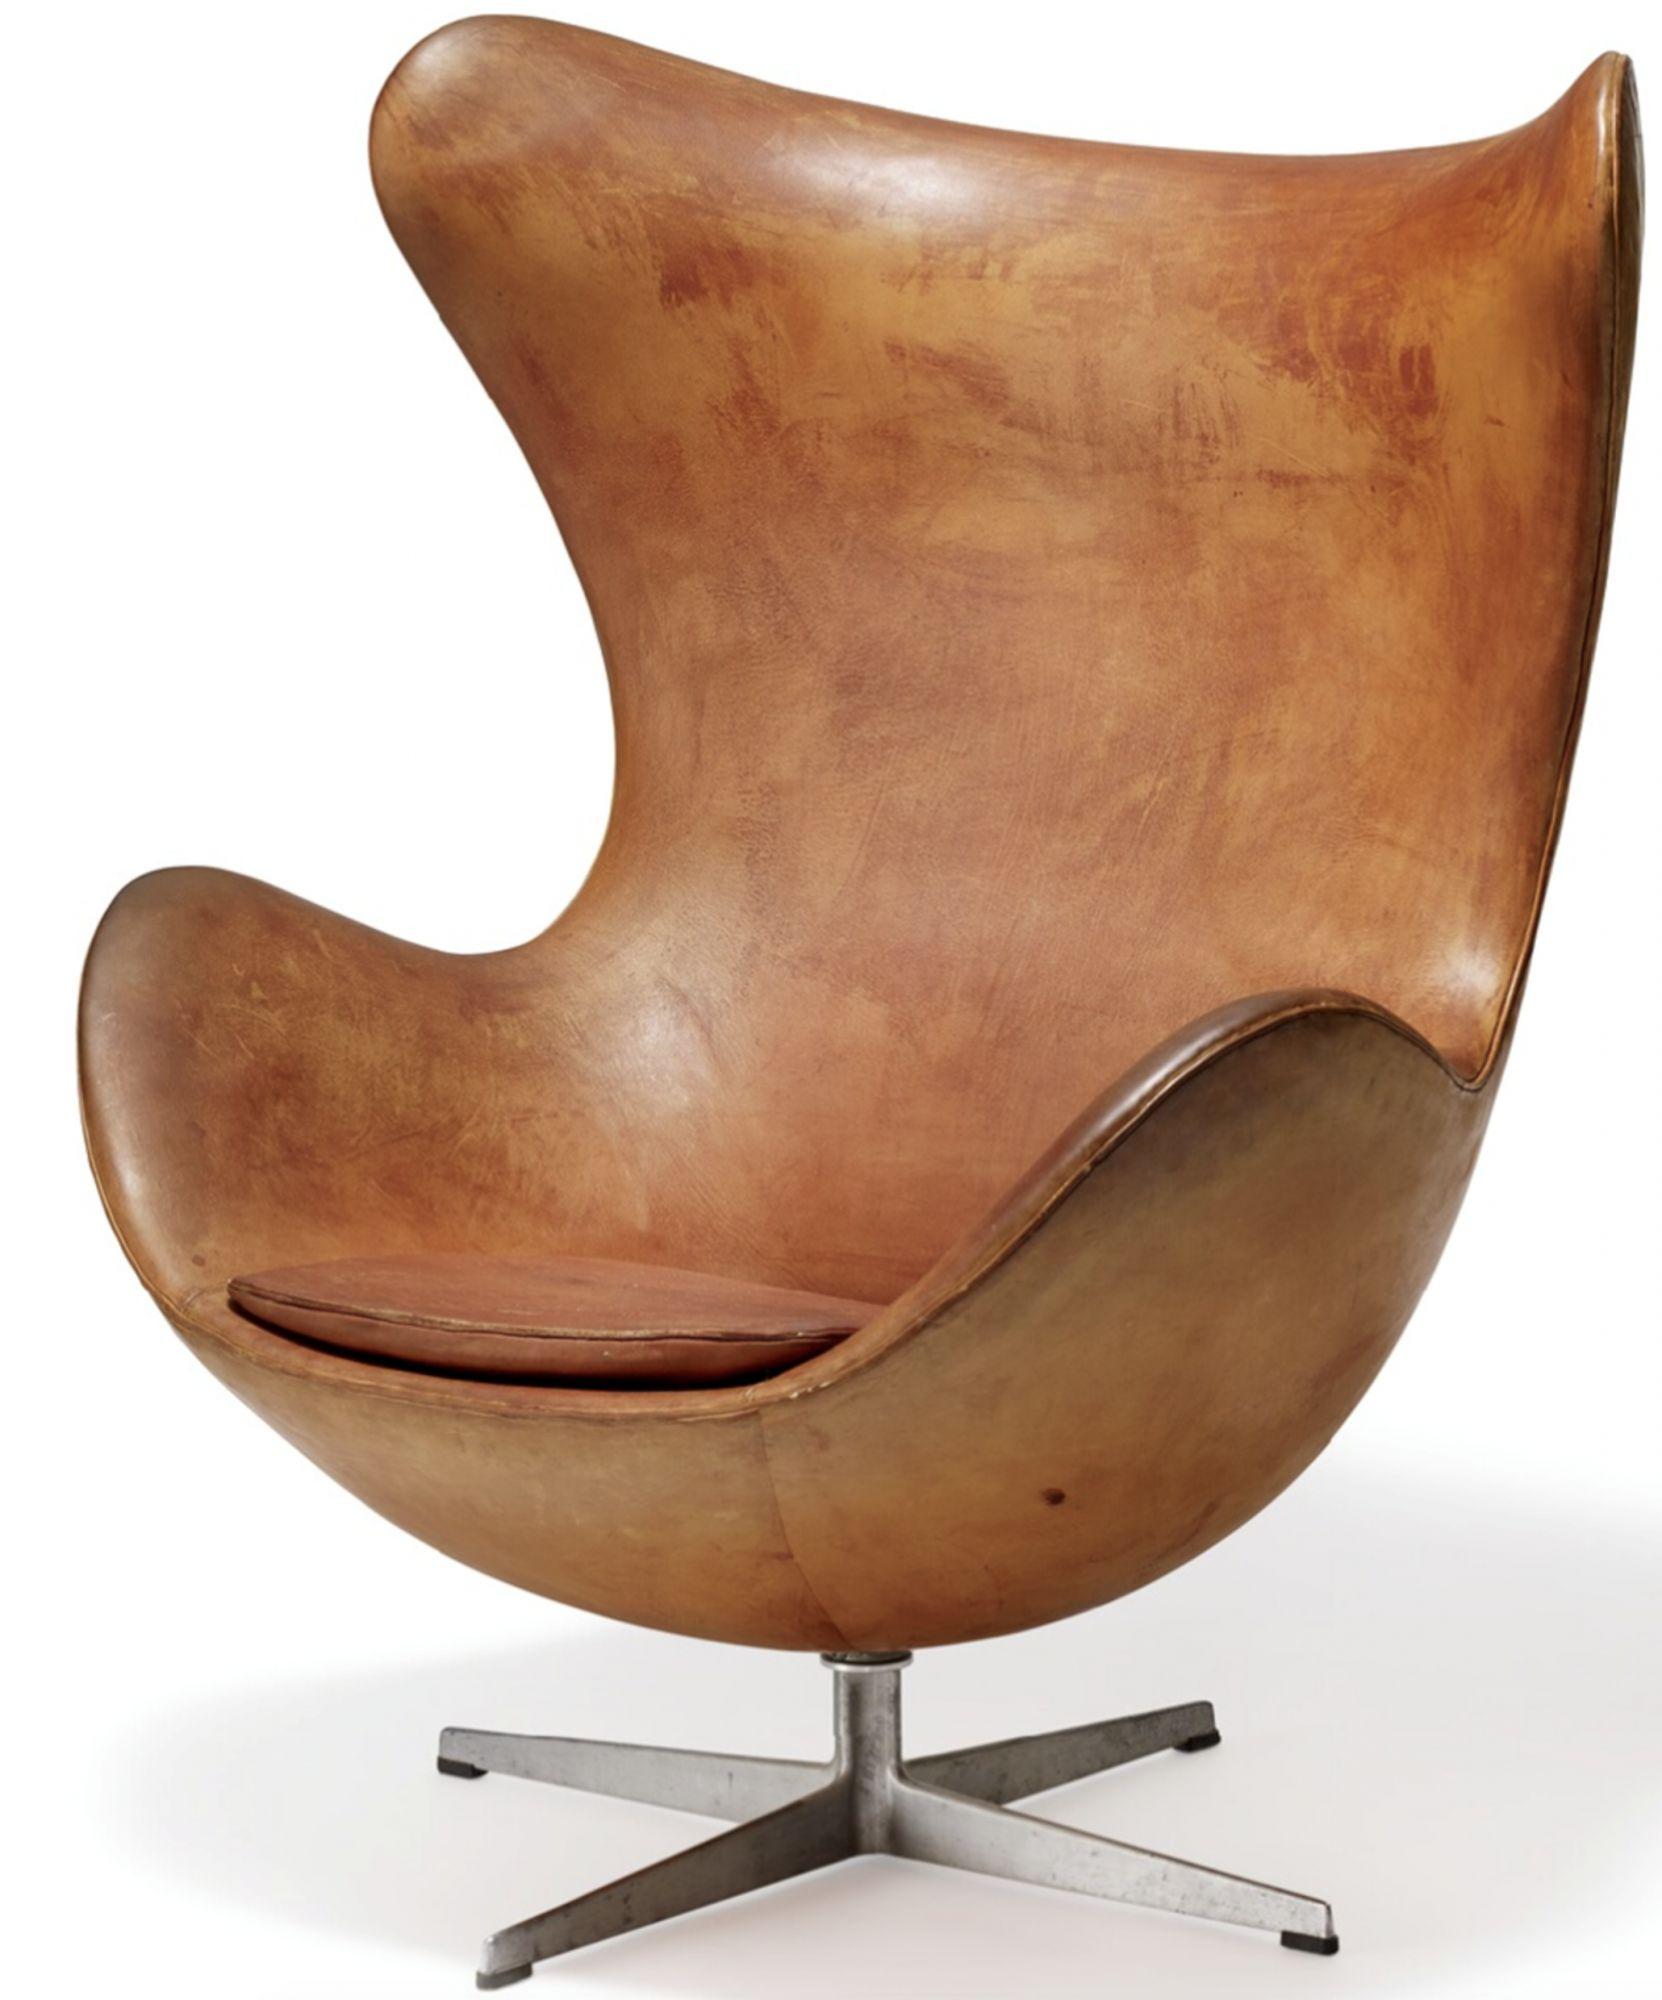 The Egg, by Arne Jacobsen